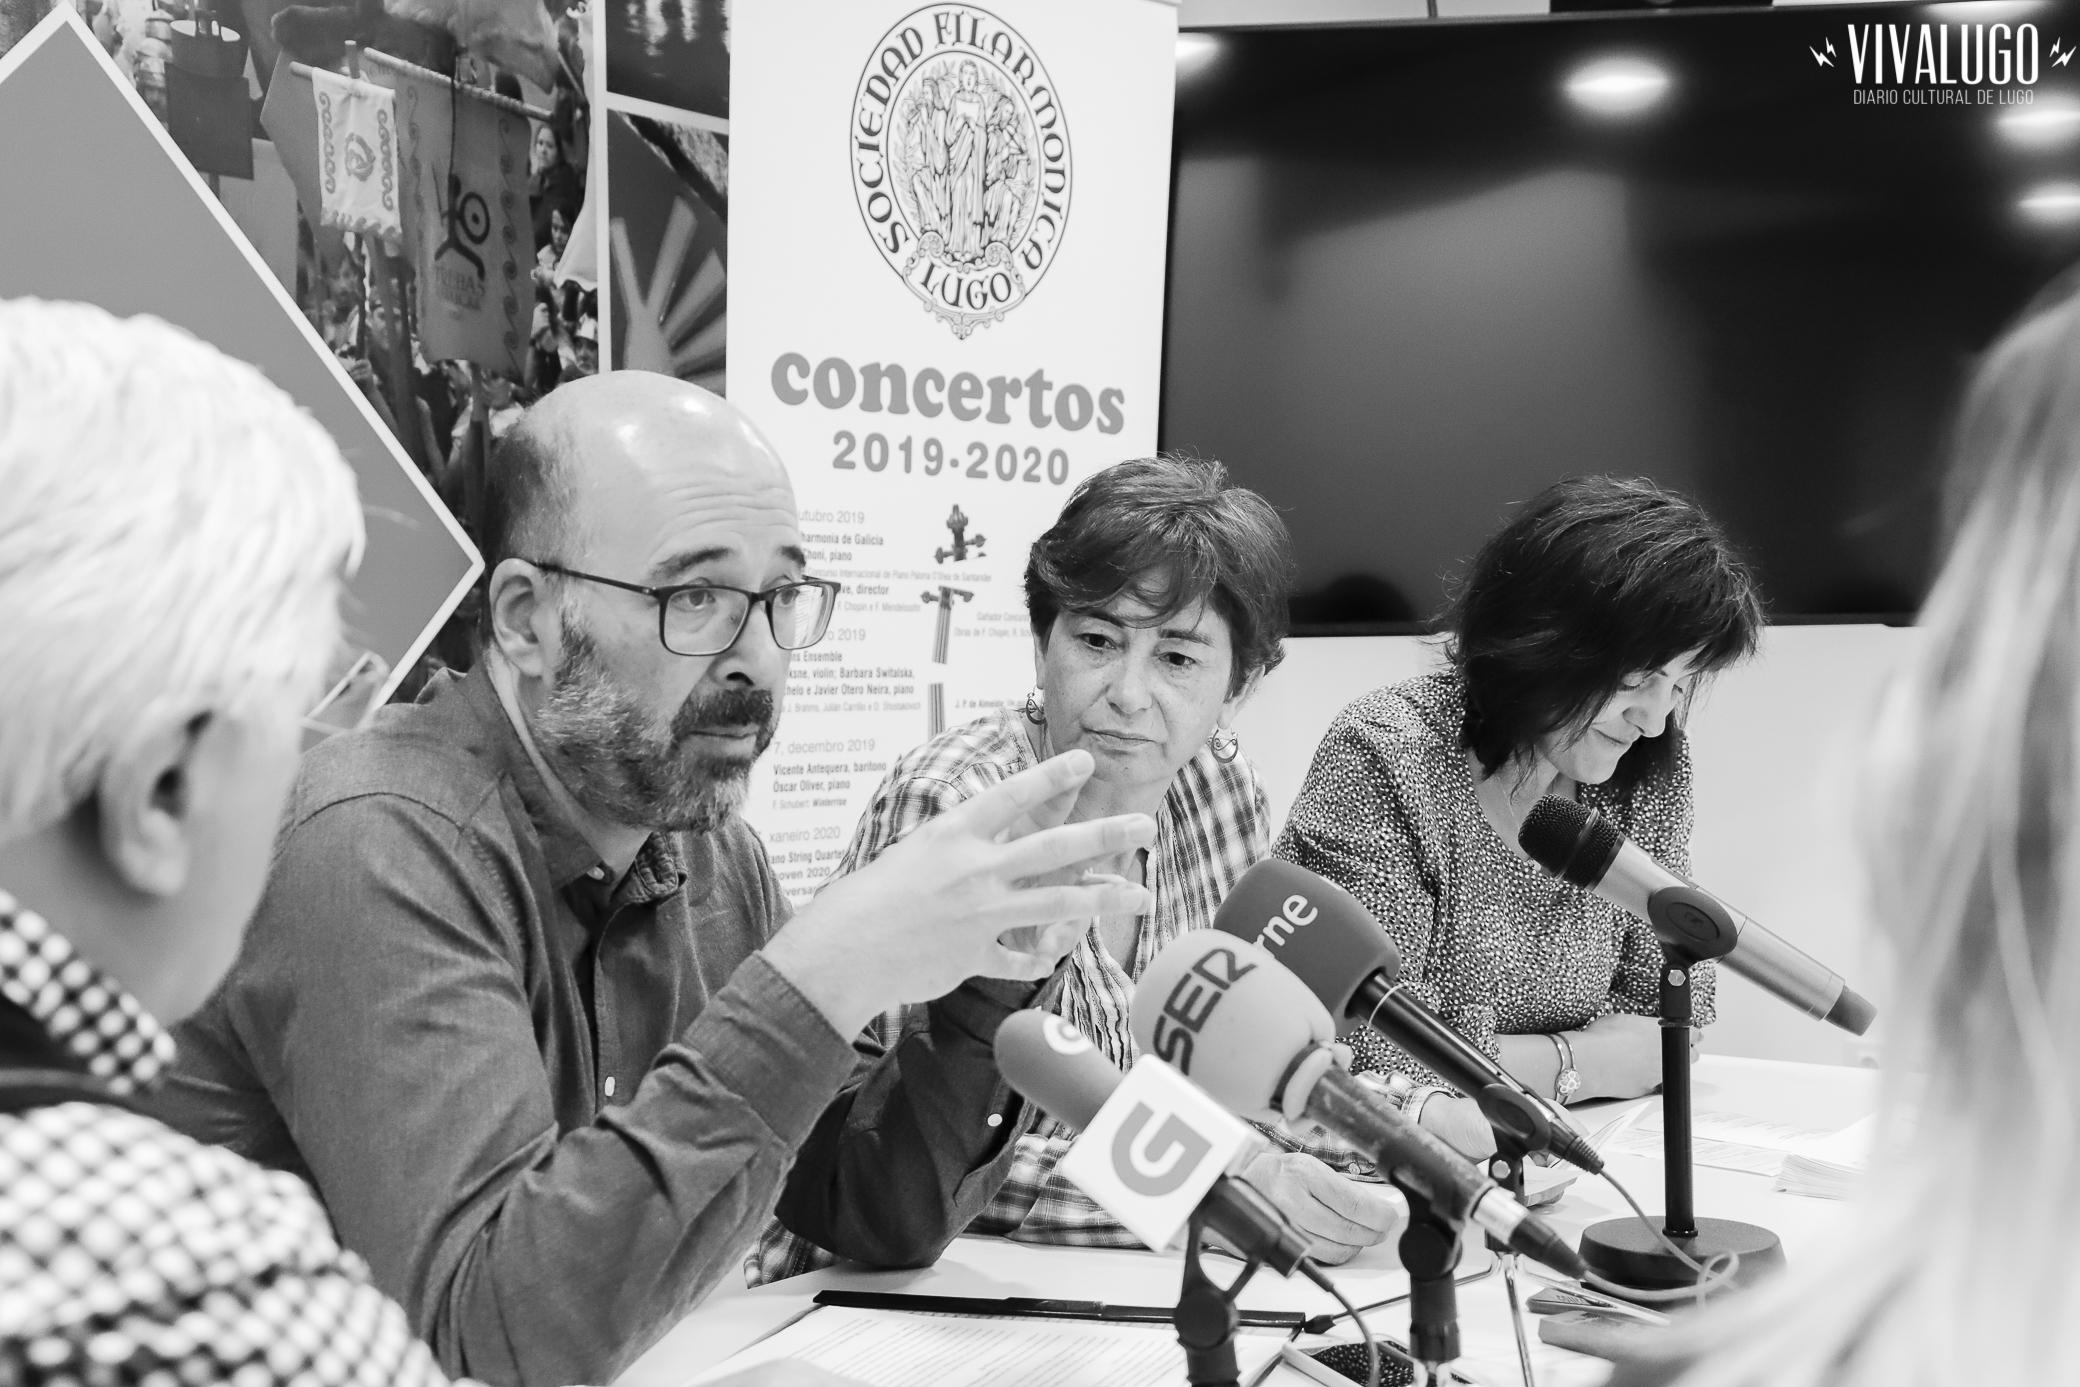 sociedad-filarmonica-lugo-programa-2019-2020